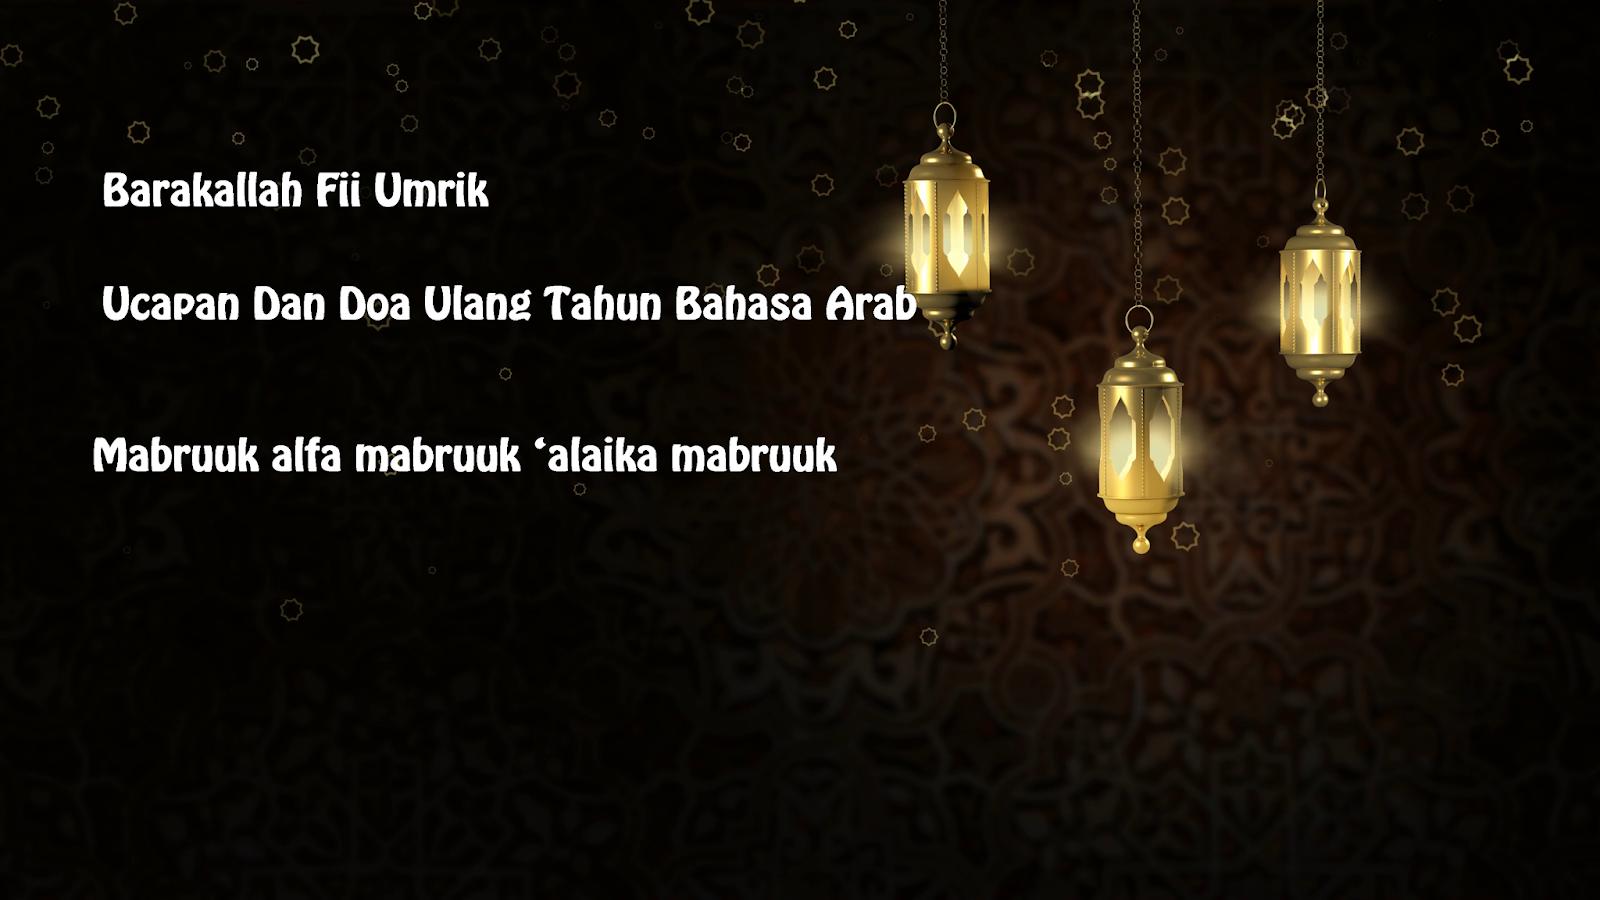 Bahasa Arab Ucapan Hari Ibu Islami 6 Ucapan Dan Doa Ulang Tahun Bahasa Arab